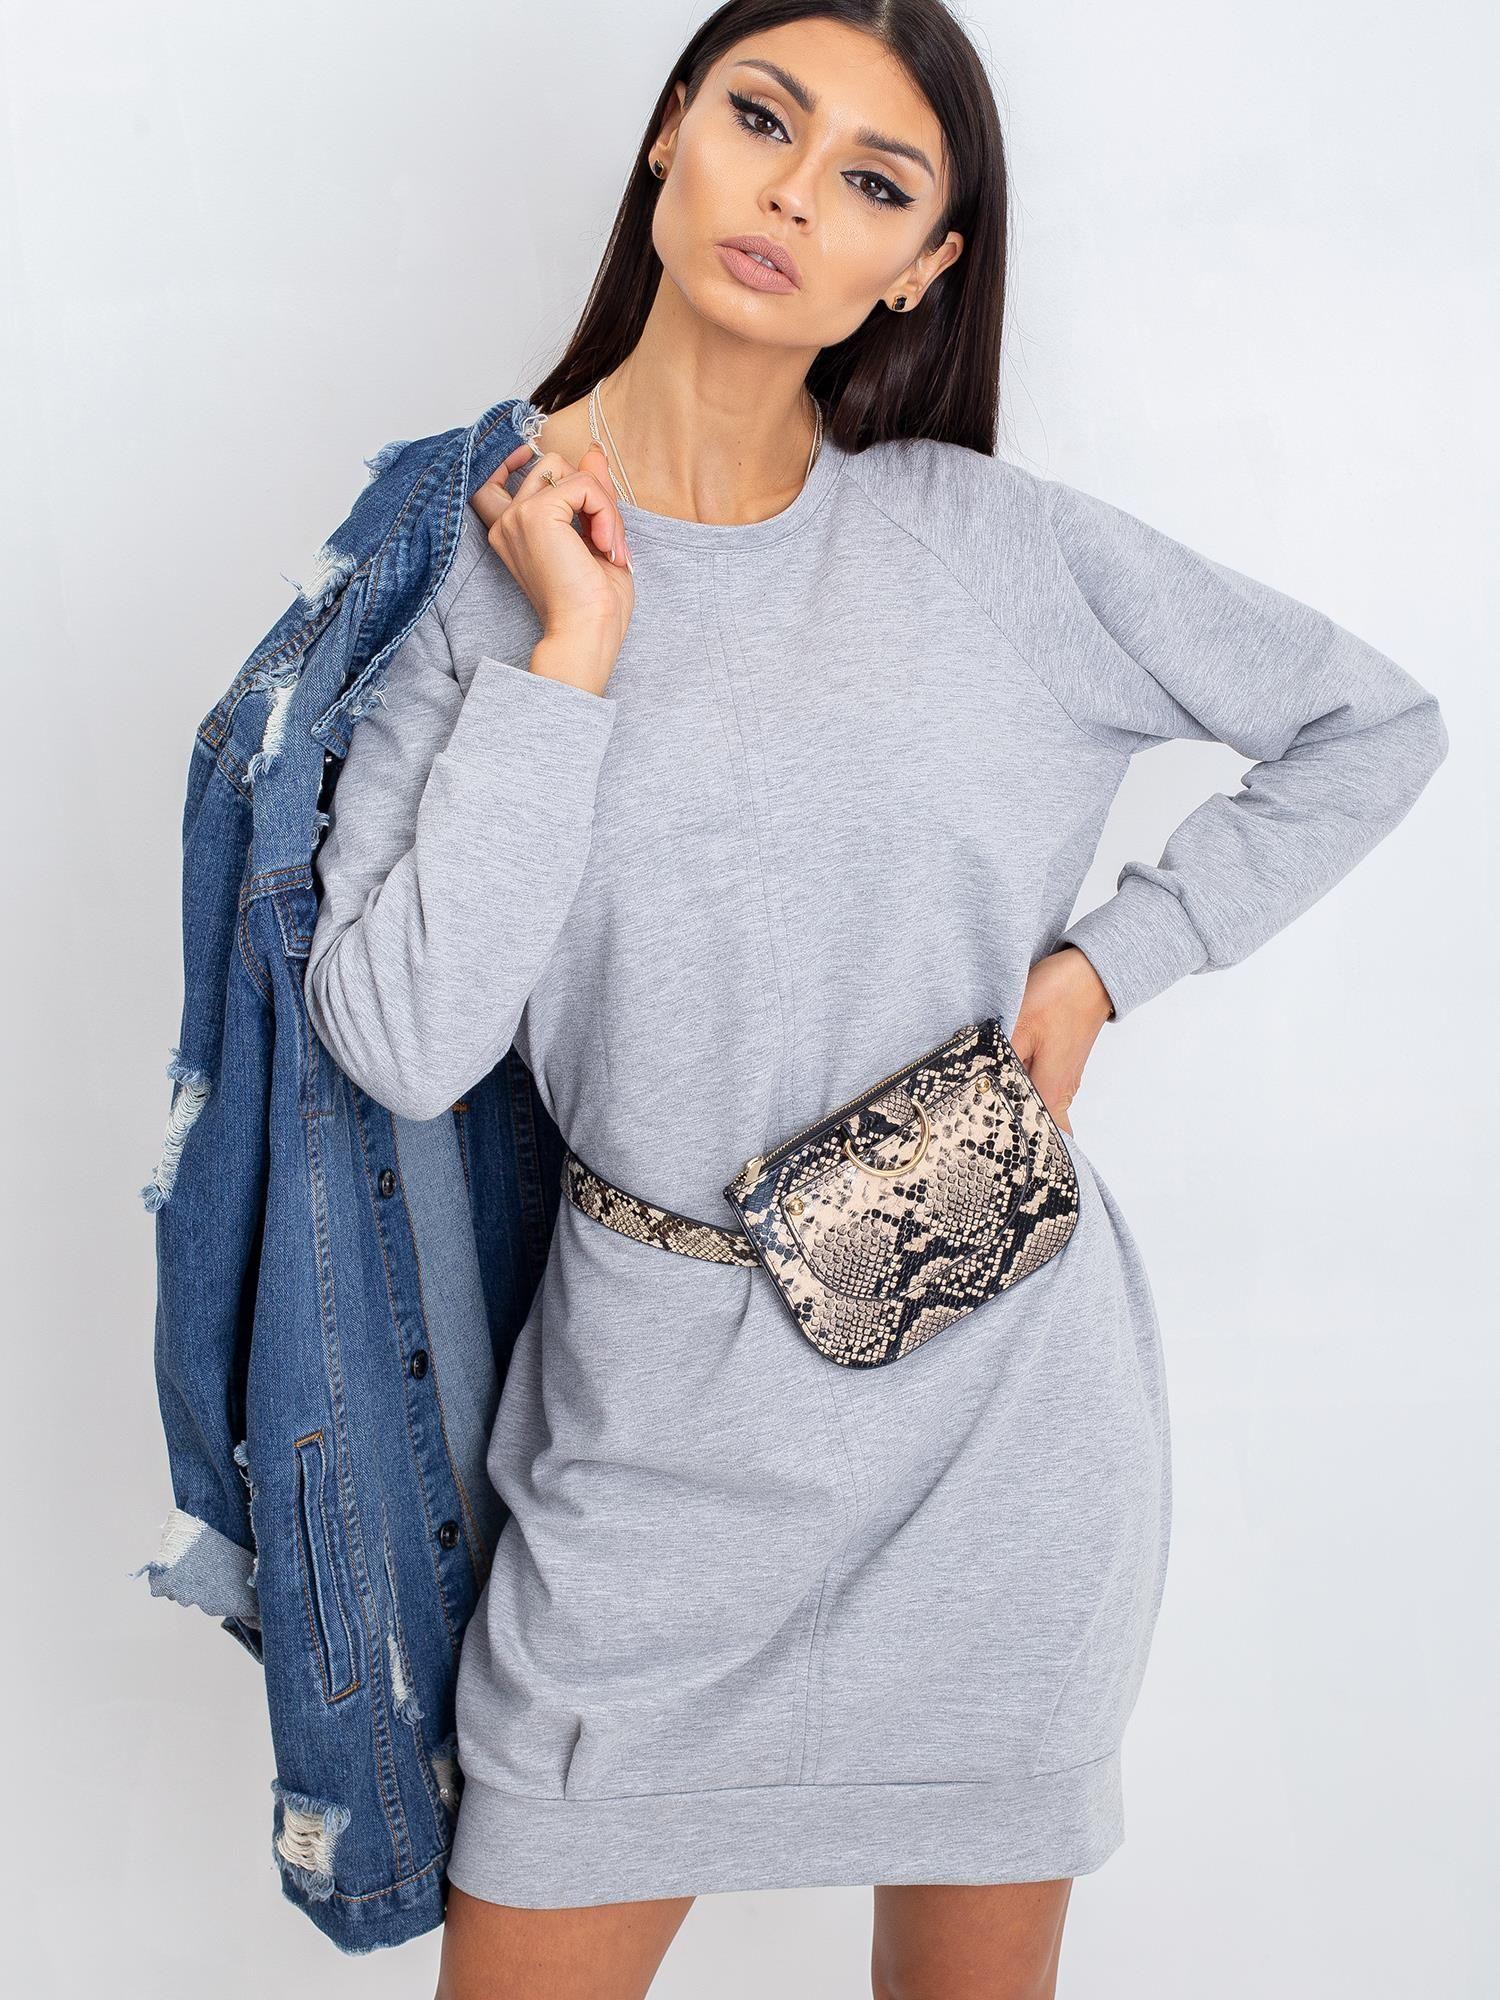 Sivé bavlnené šaty s dlhým rukávom - S/M